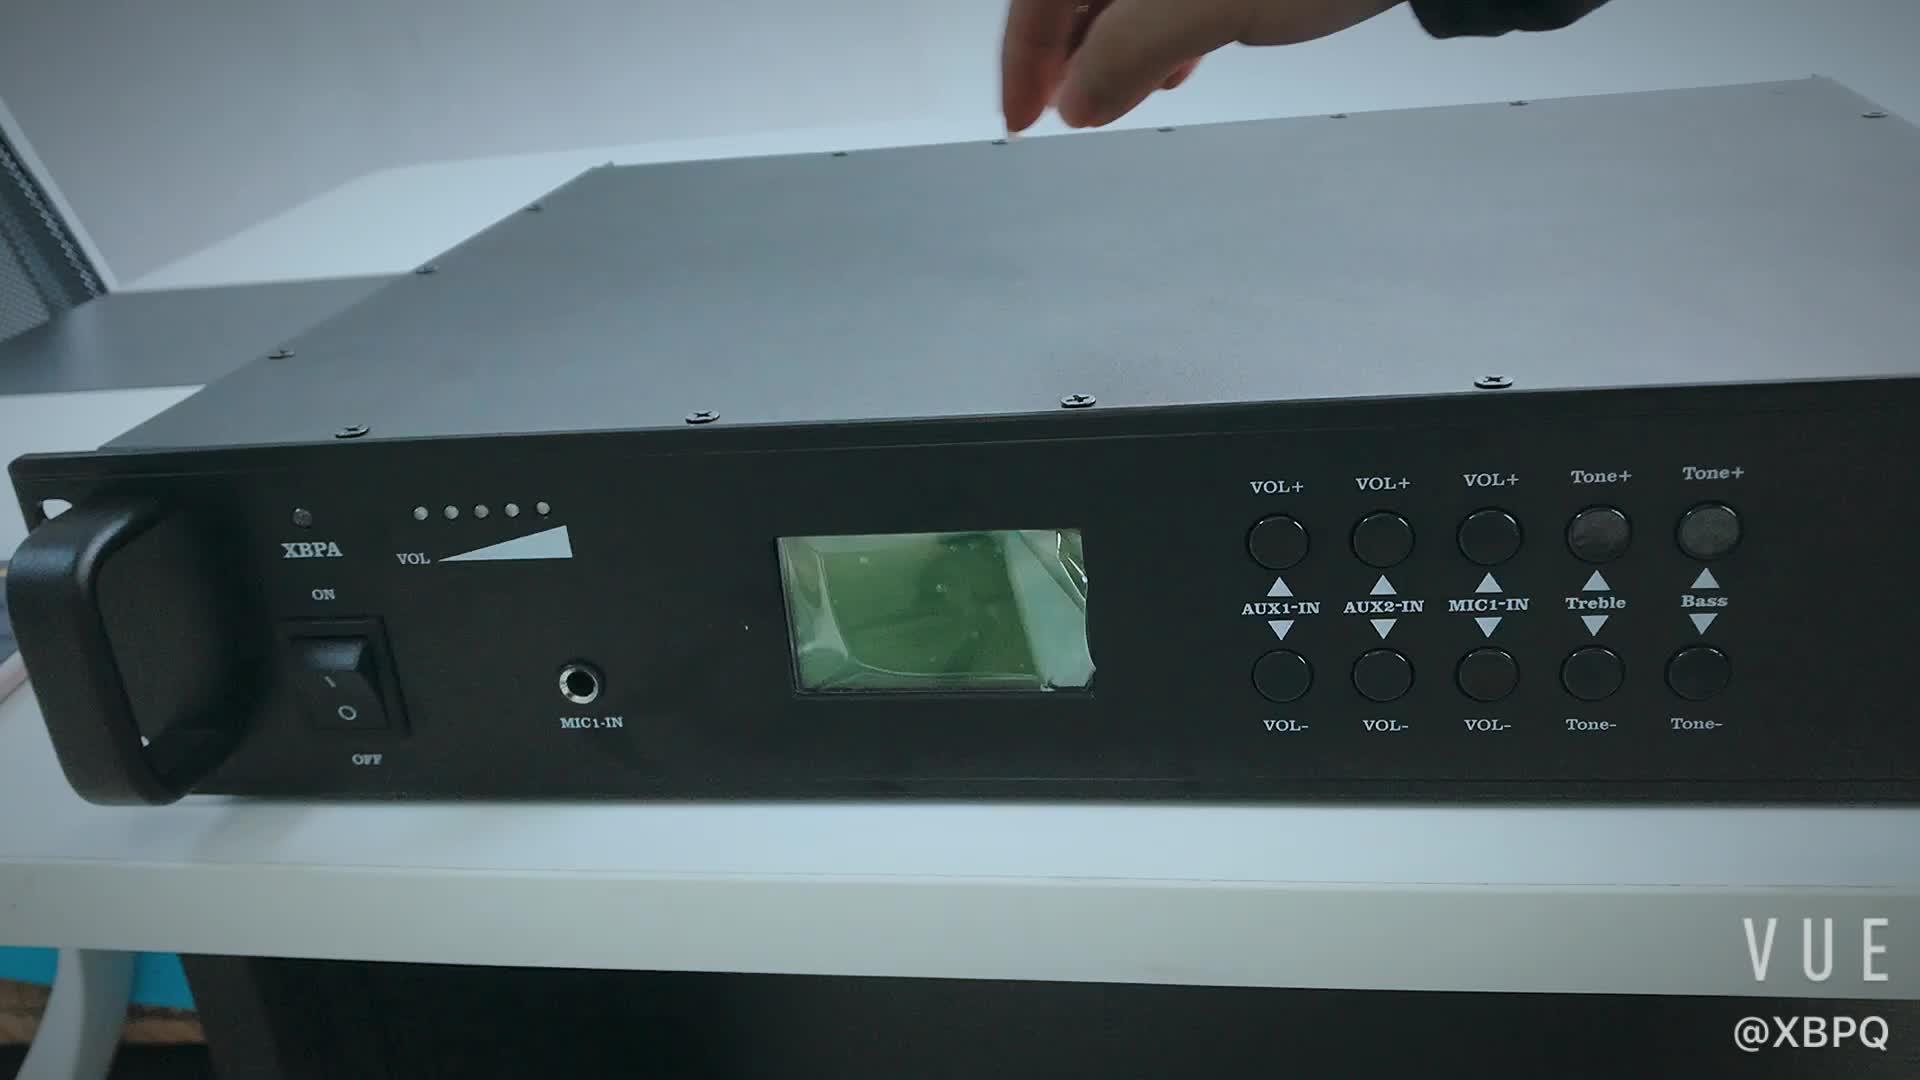 उच्च गुणवत्ता हाई-फाई पेशेवर शक्ति एम्पलीफायर ऑडियो प्रणाली शक्ति एम्पलीफायर, मिनी पावर एम्पलीफायर